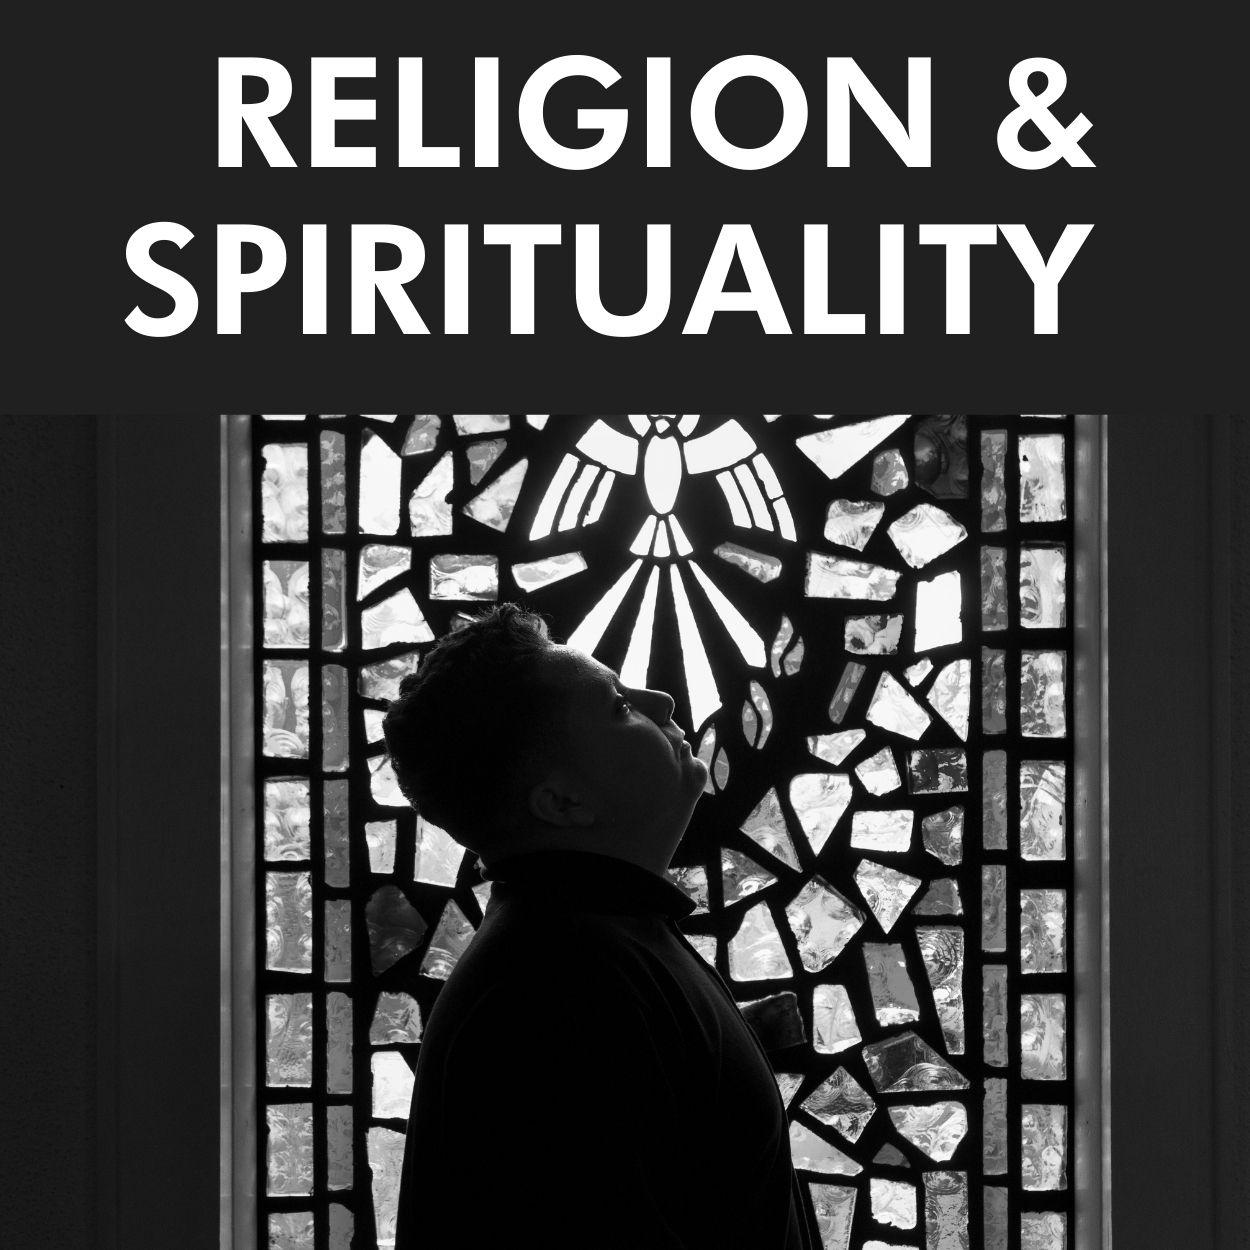 RELIGION & SPIRITUALITY (4)